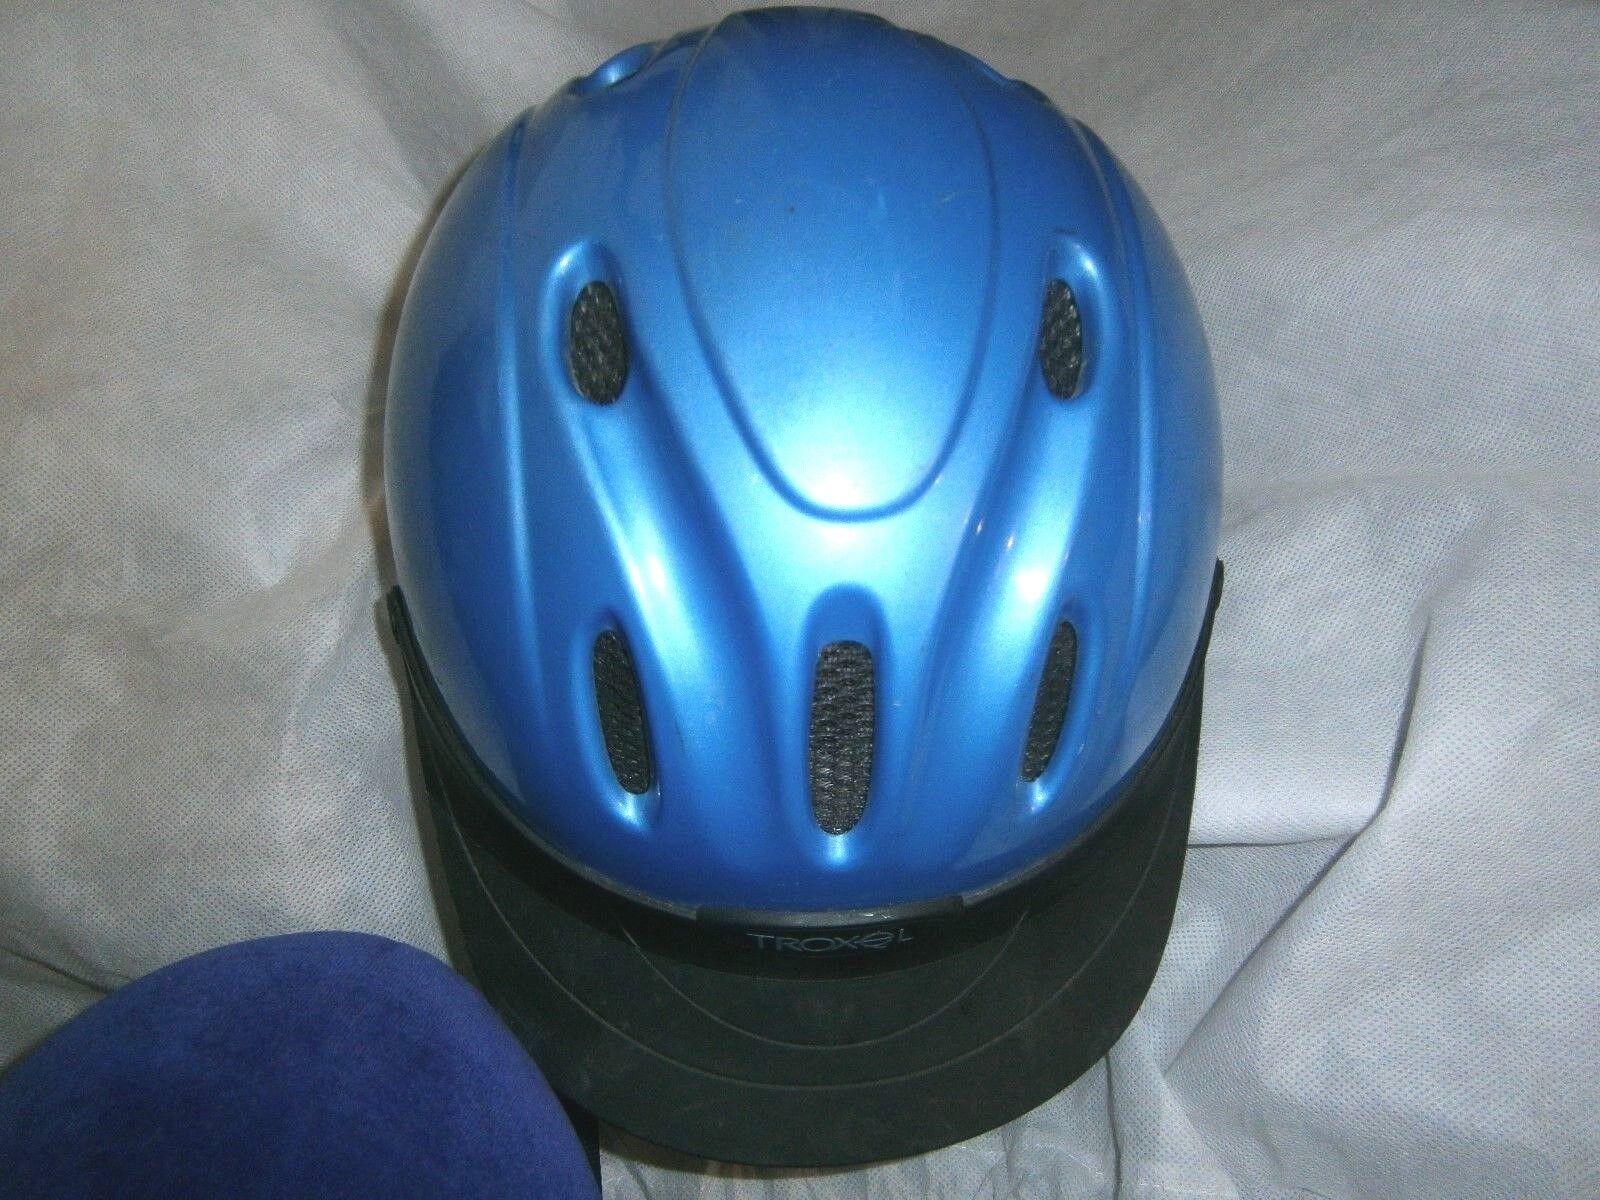 Equestrian riding helmet Troxel Med 6 3 4-6 7 8 SEI Periwinkle bluee L@@K